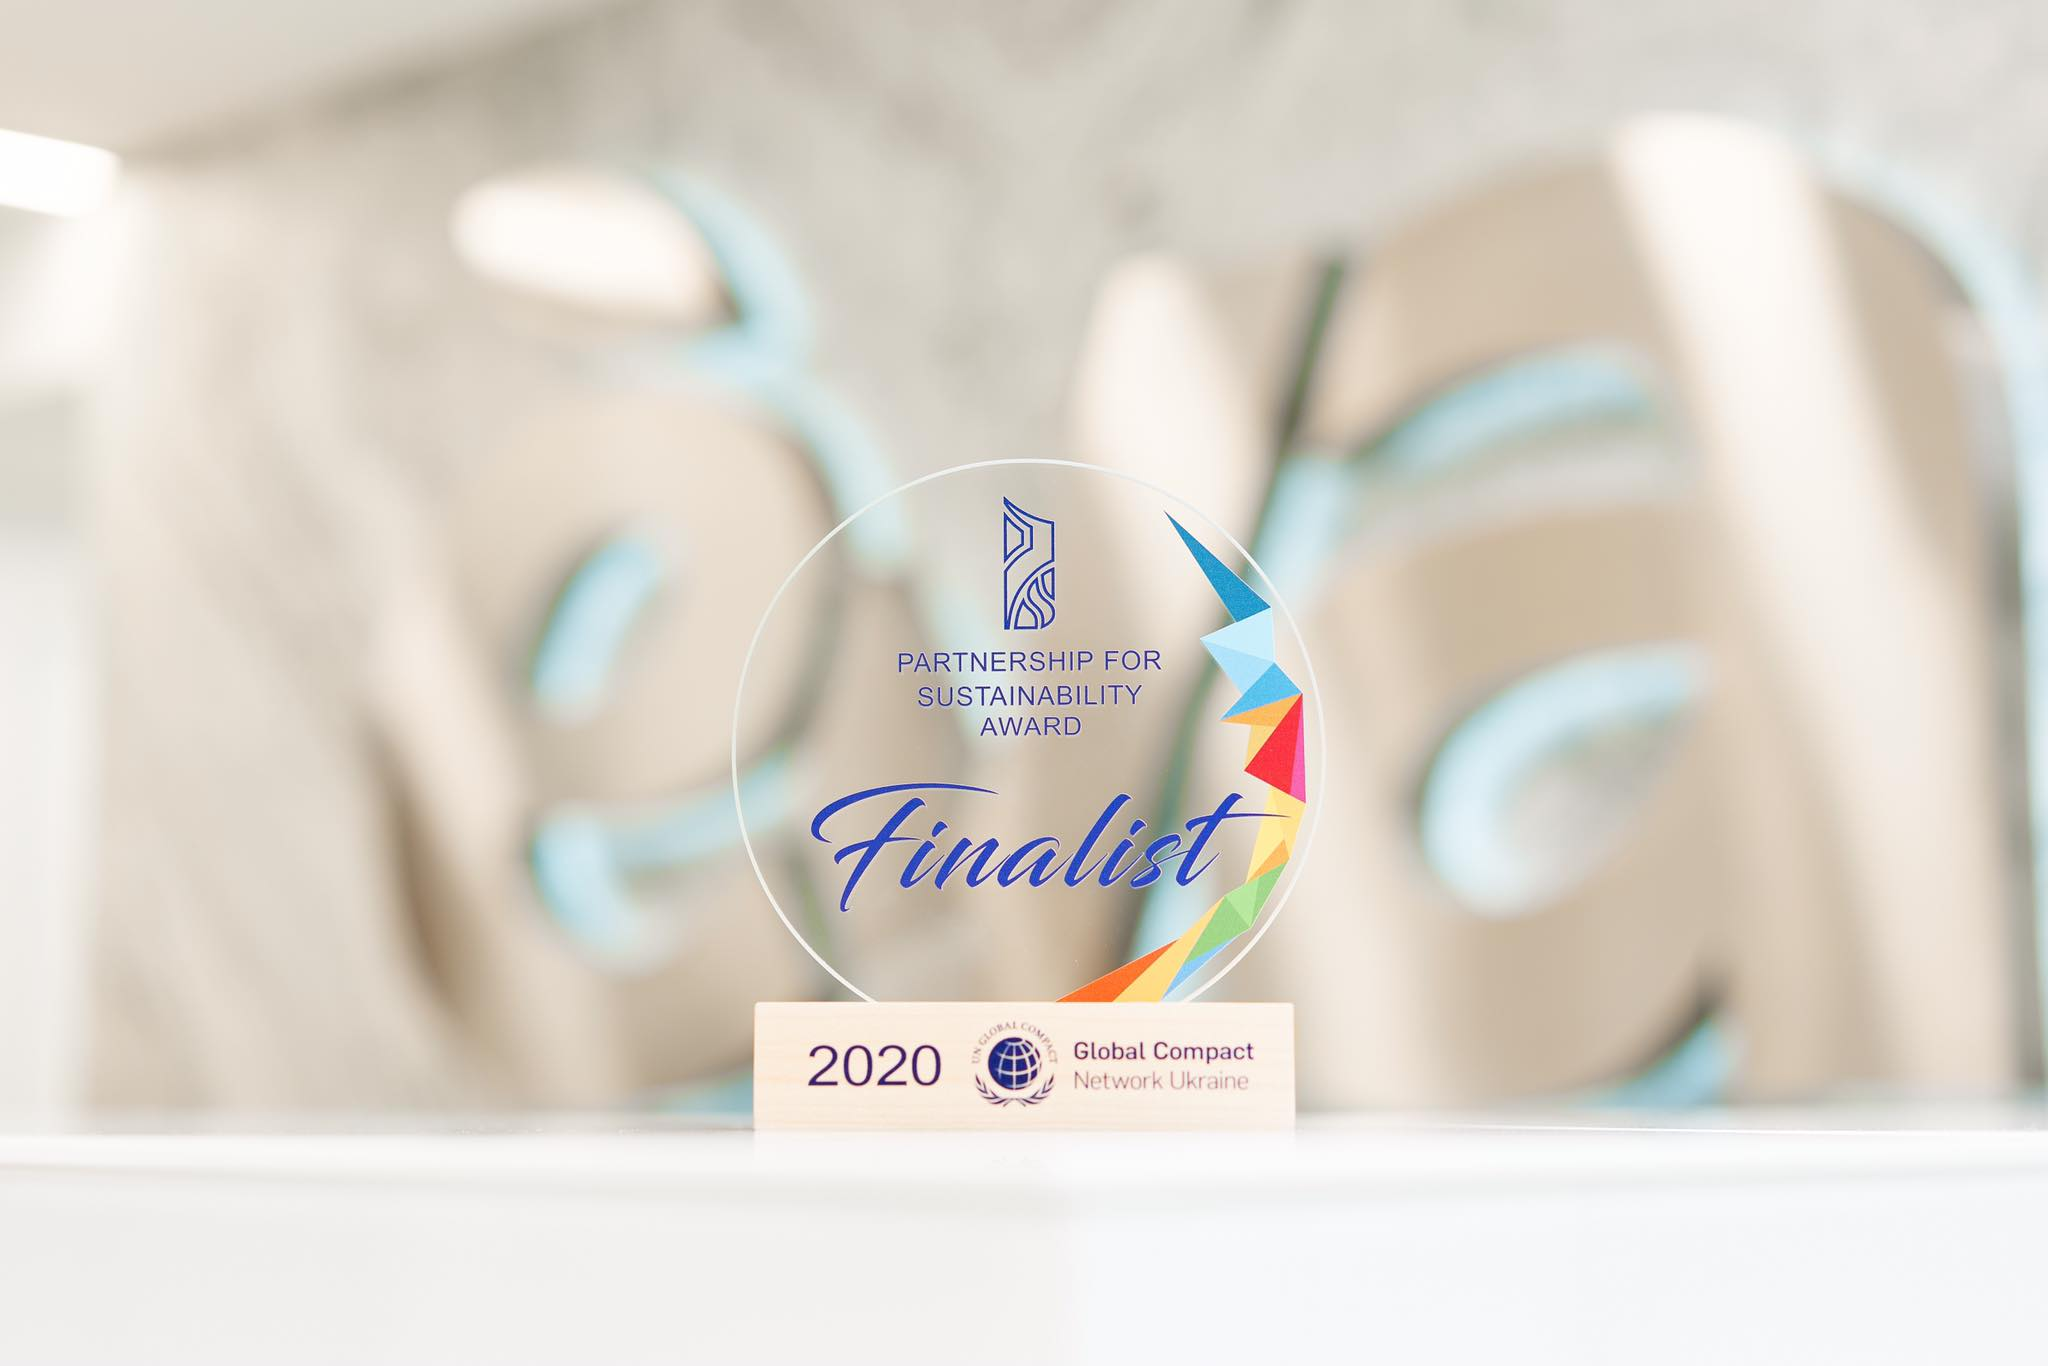 Лінія магазинів EVA отримала нагороду ООН за допомогу опорним лікарням, які рятують пацієнтів з COVID-19